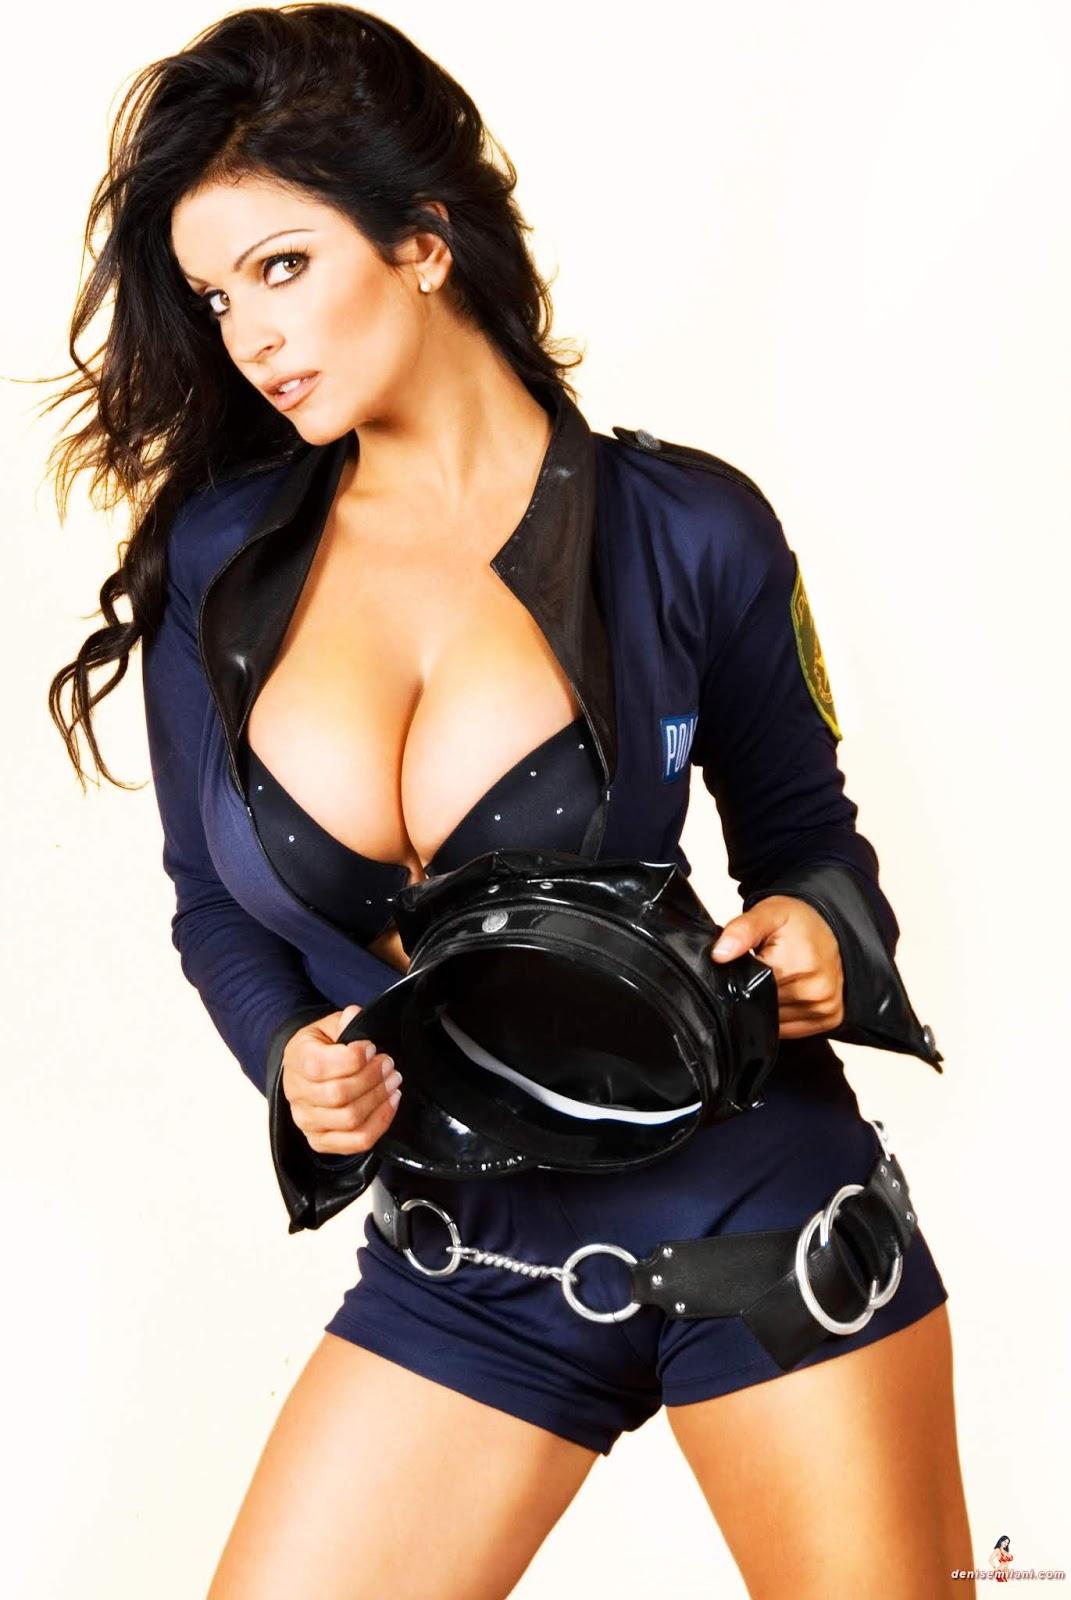 Эро фото девушки в полицейской форме #4